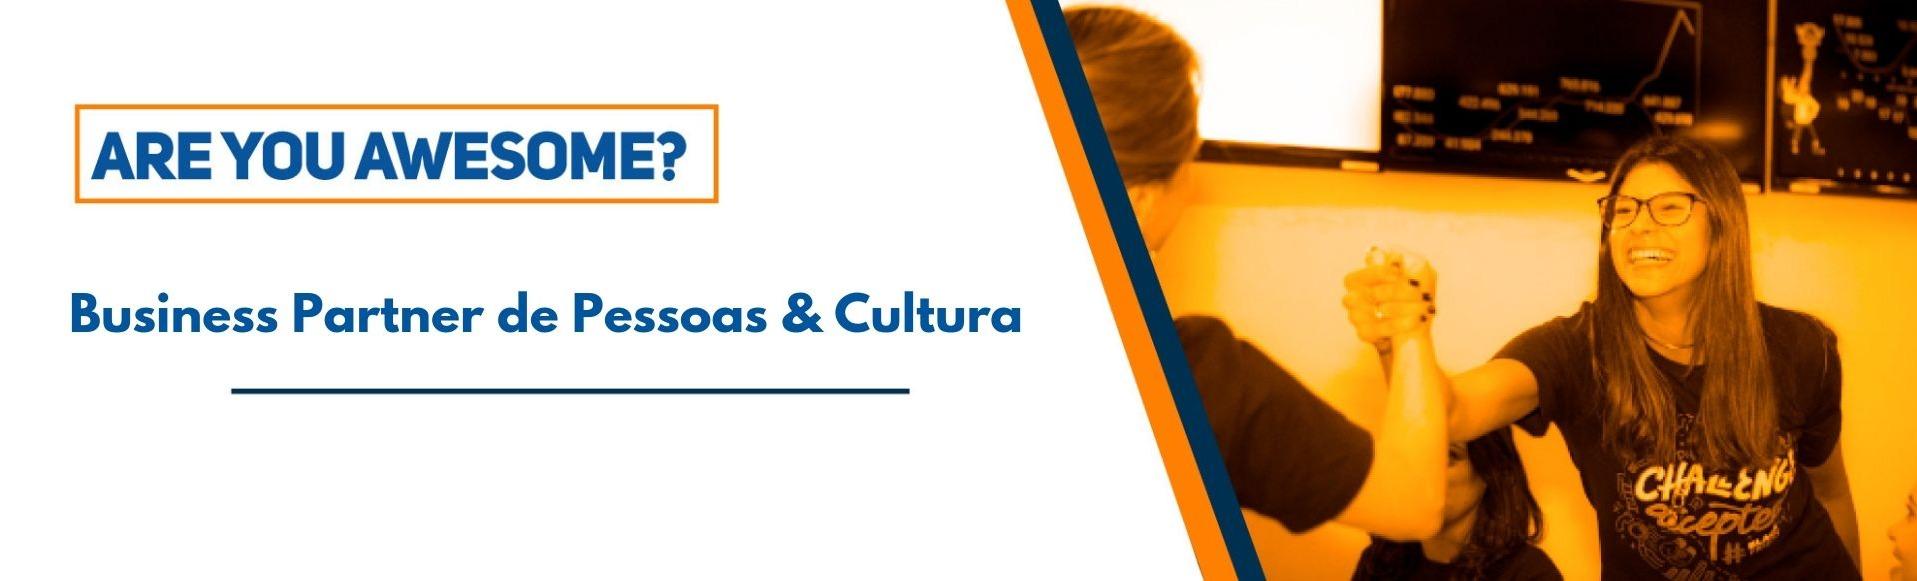 Business Partner de Pessoas & Cultura